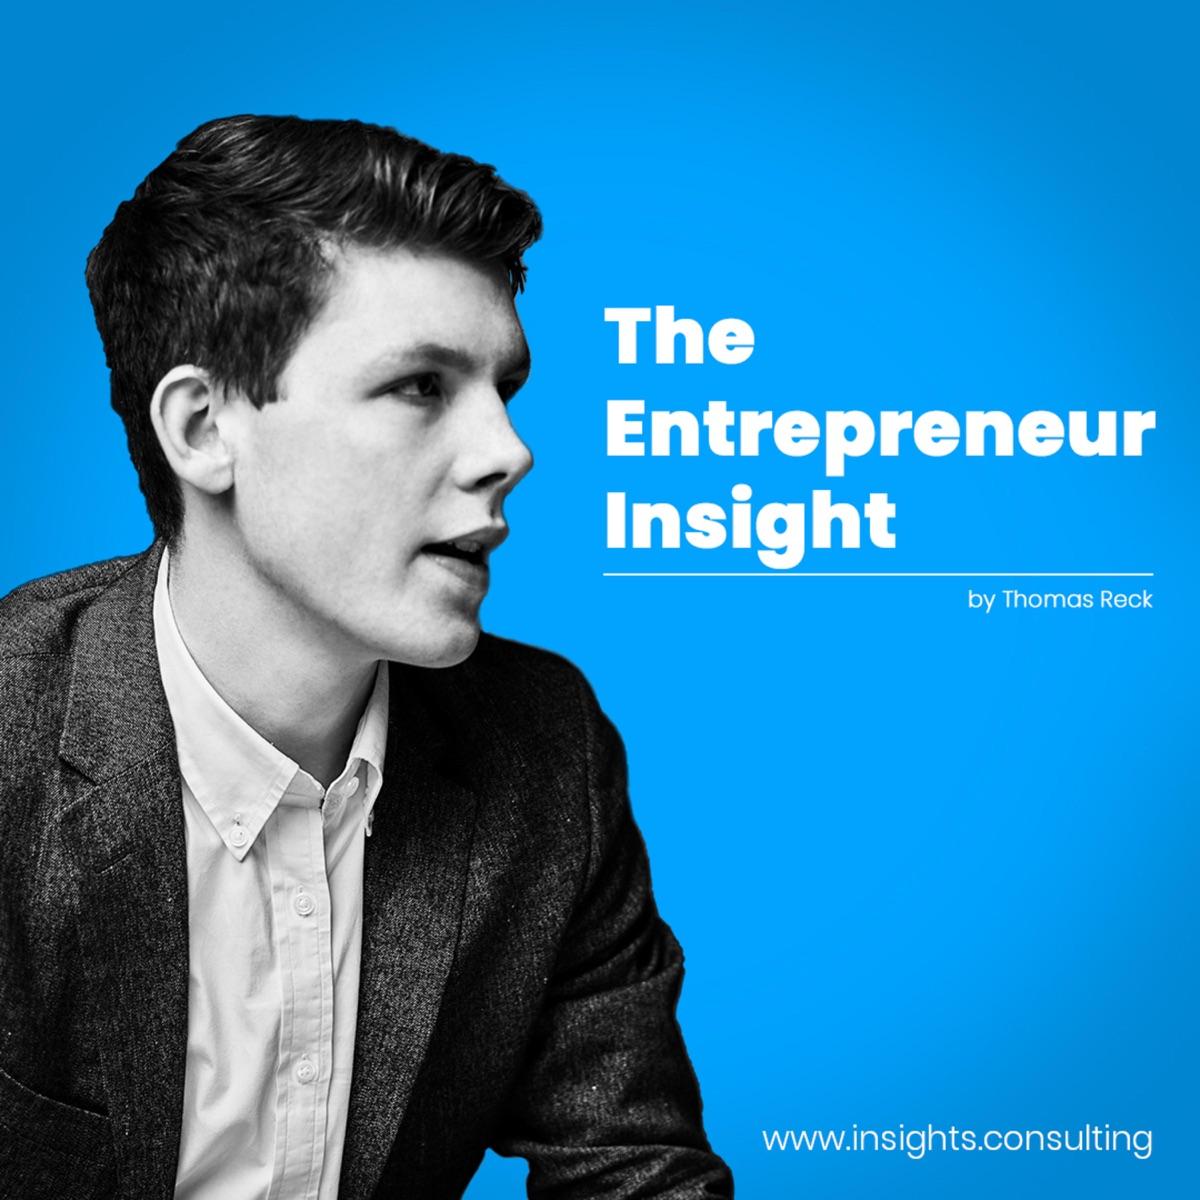 The Entrepreneur Insight